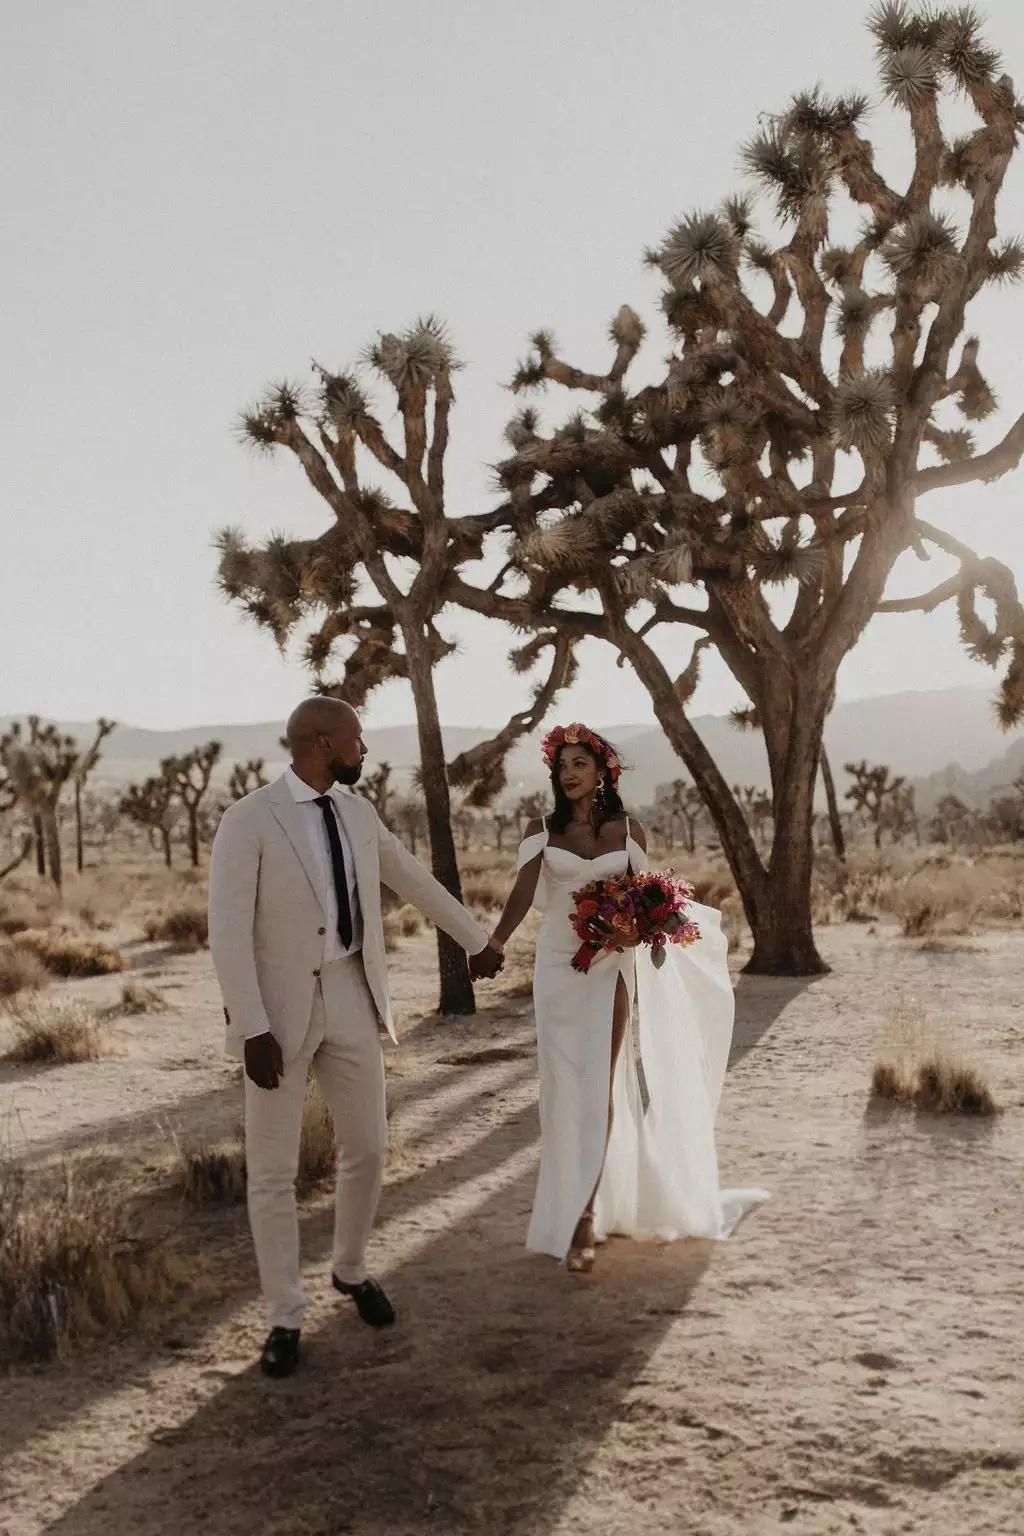 a3bUsG dkOQ - Найти свадебного ведущего оказалось проще простого